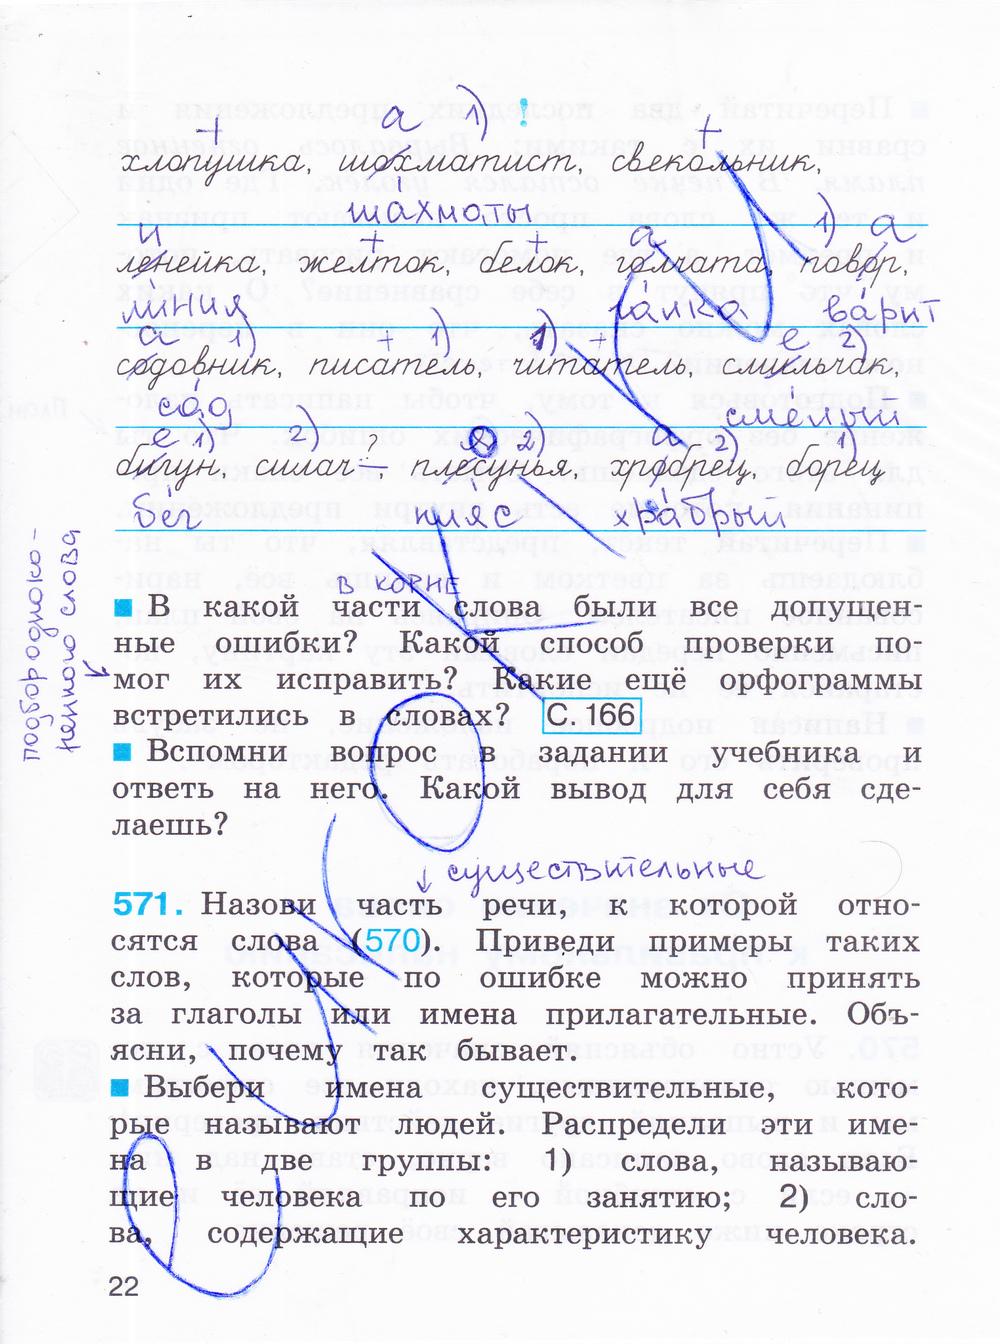 ГДЗ по русскому языку 4 класс рабочая тетрадь Соловейчик Часть 1, 2, 3. Задание: стр. 22